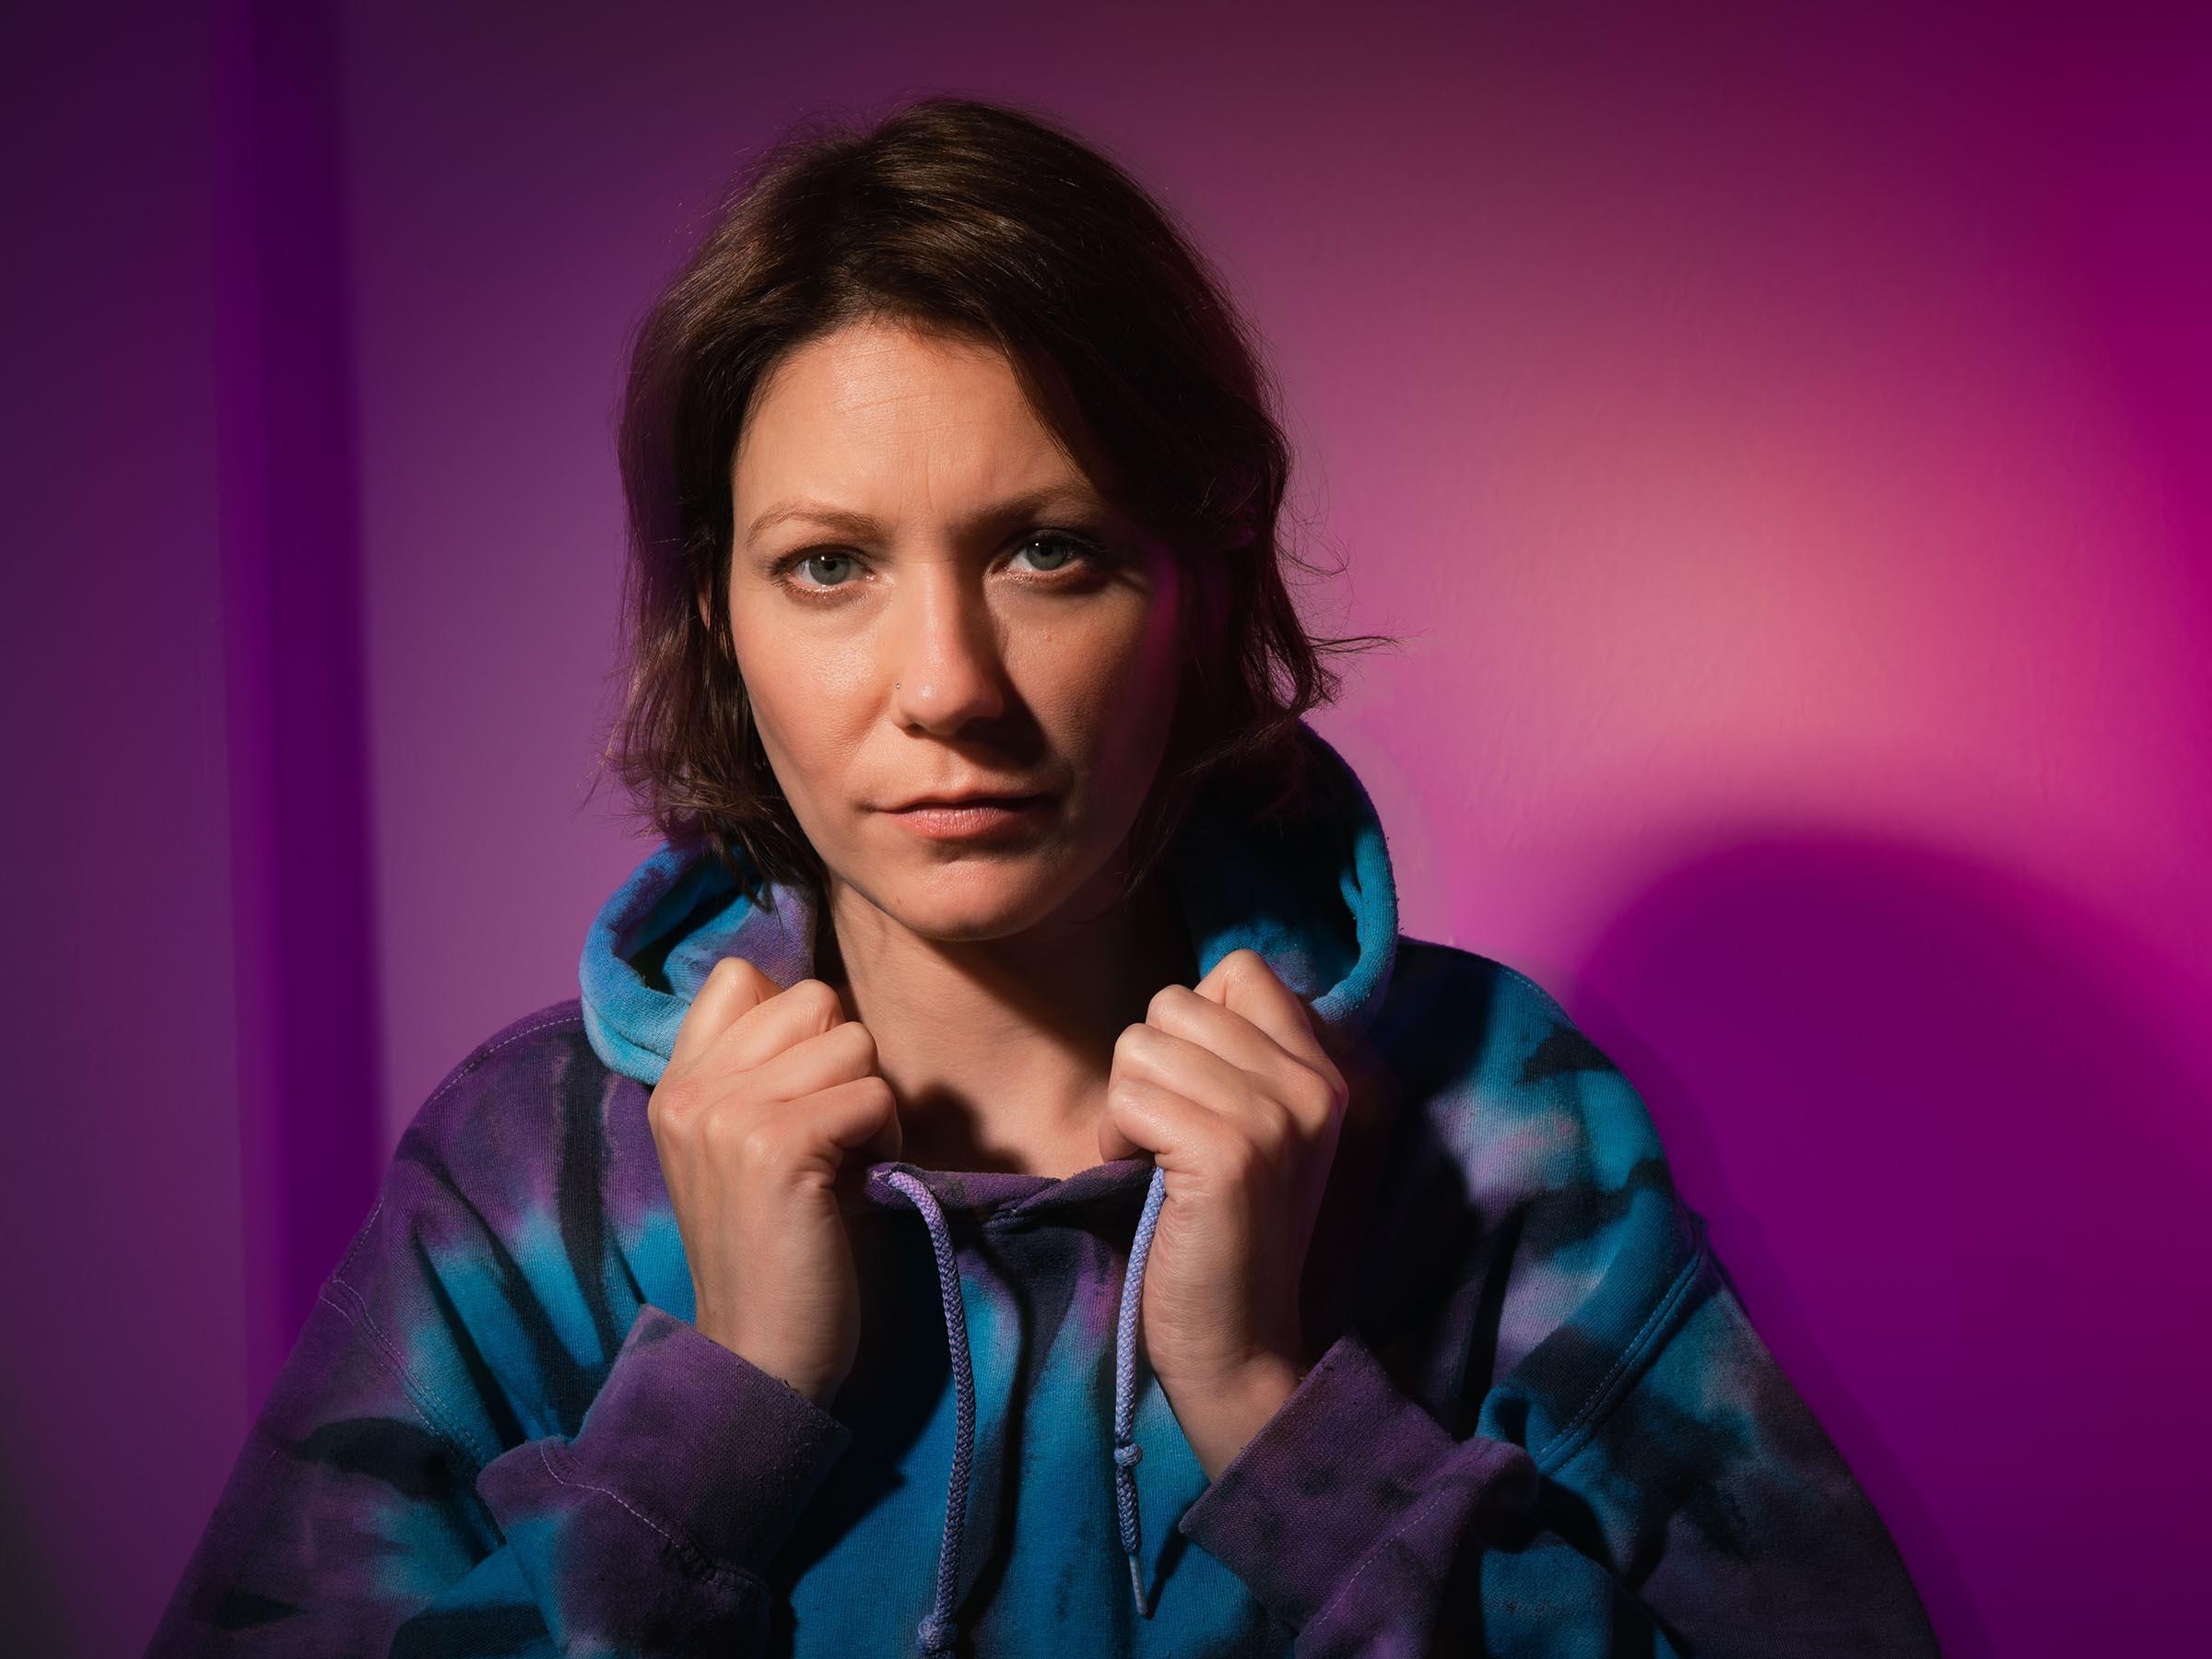 Schauspielerin Stephanie Meisenzahl